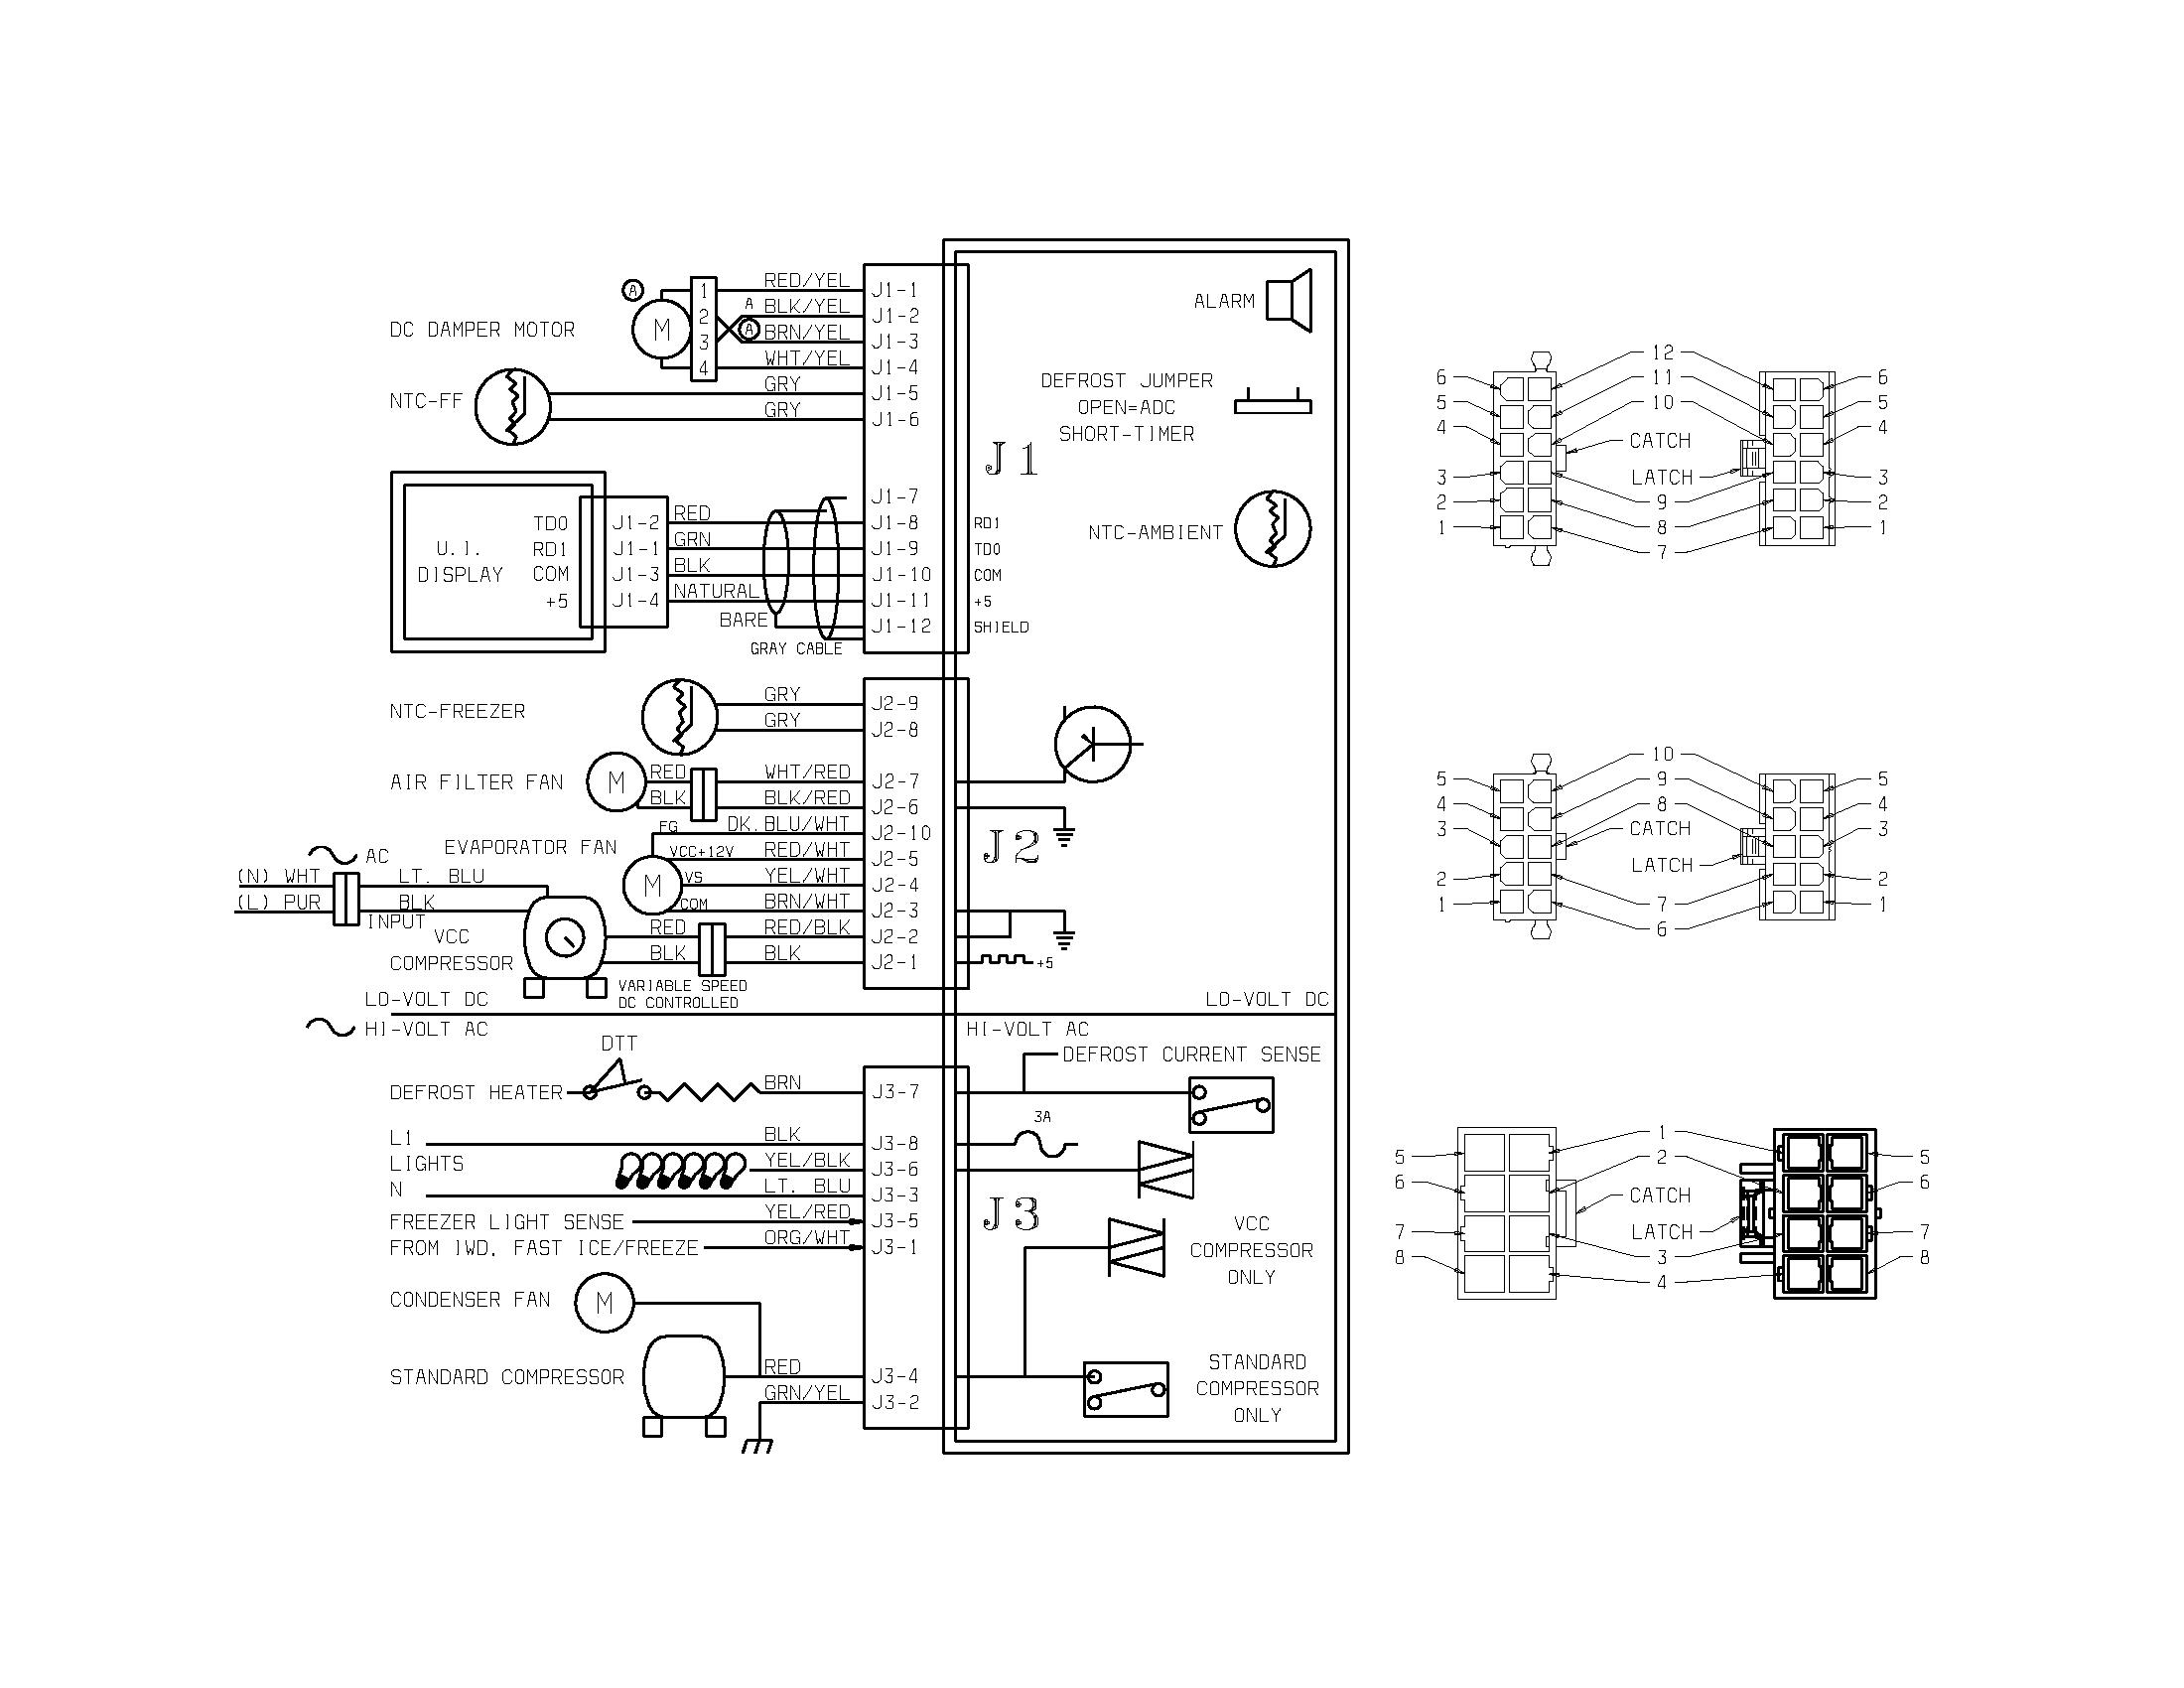 kenmore elite 25344303403 wiring schematic diagram [ 2200 x 1700 Pixel ]